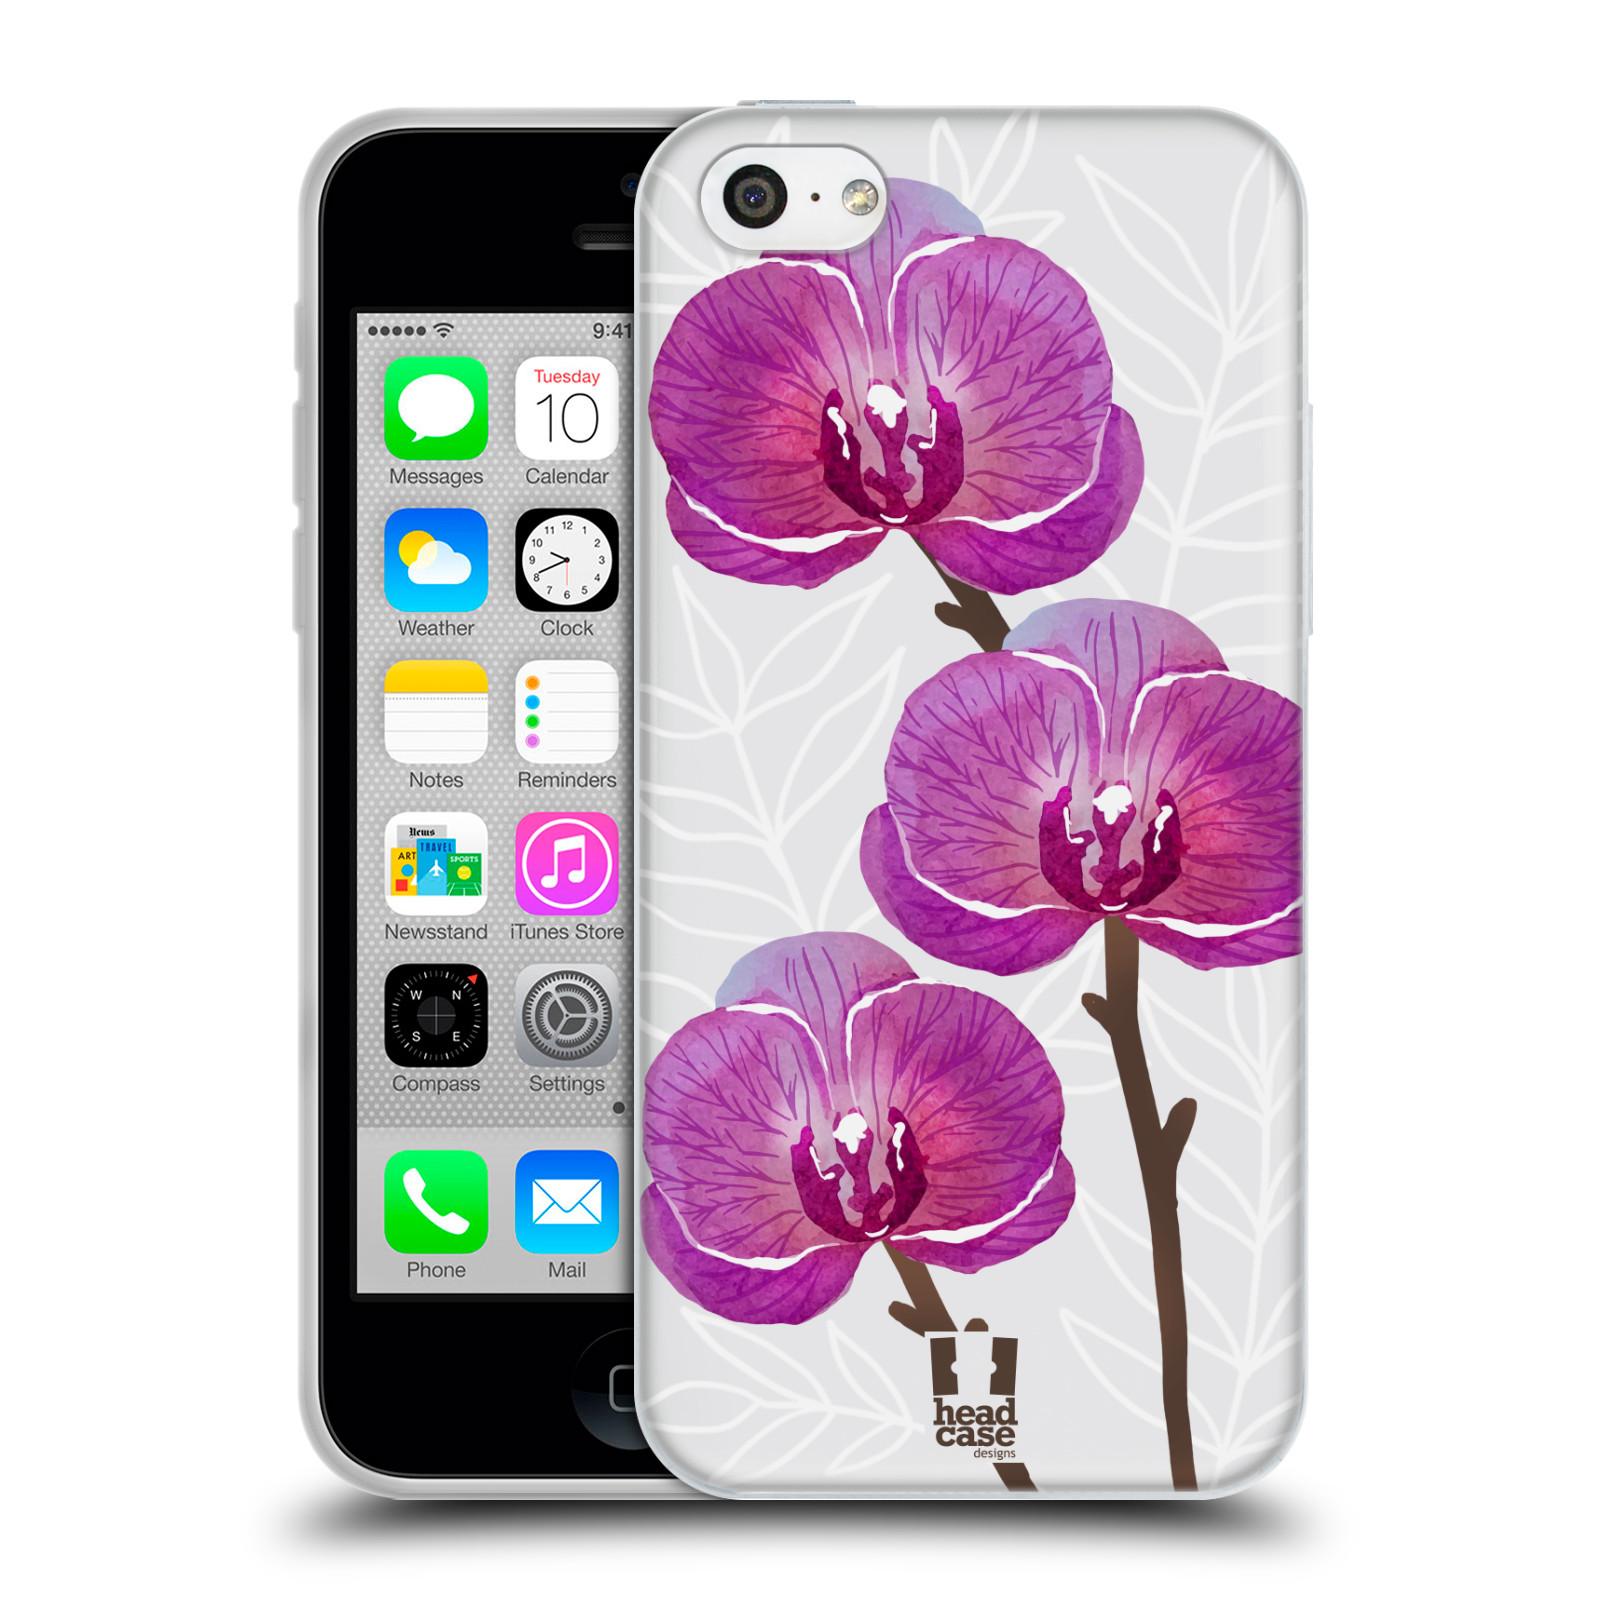 Silikonové pouzdro na mobil Apple iPhone 5C - Head Case - Hezoučké kvítky - průhledné